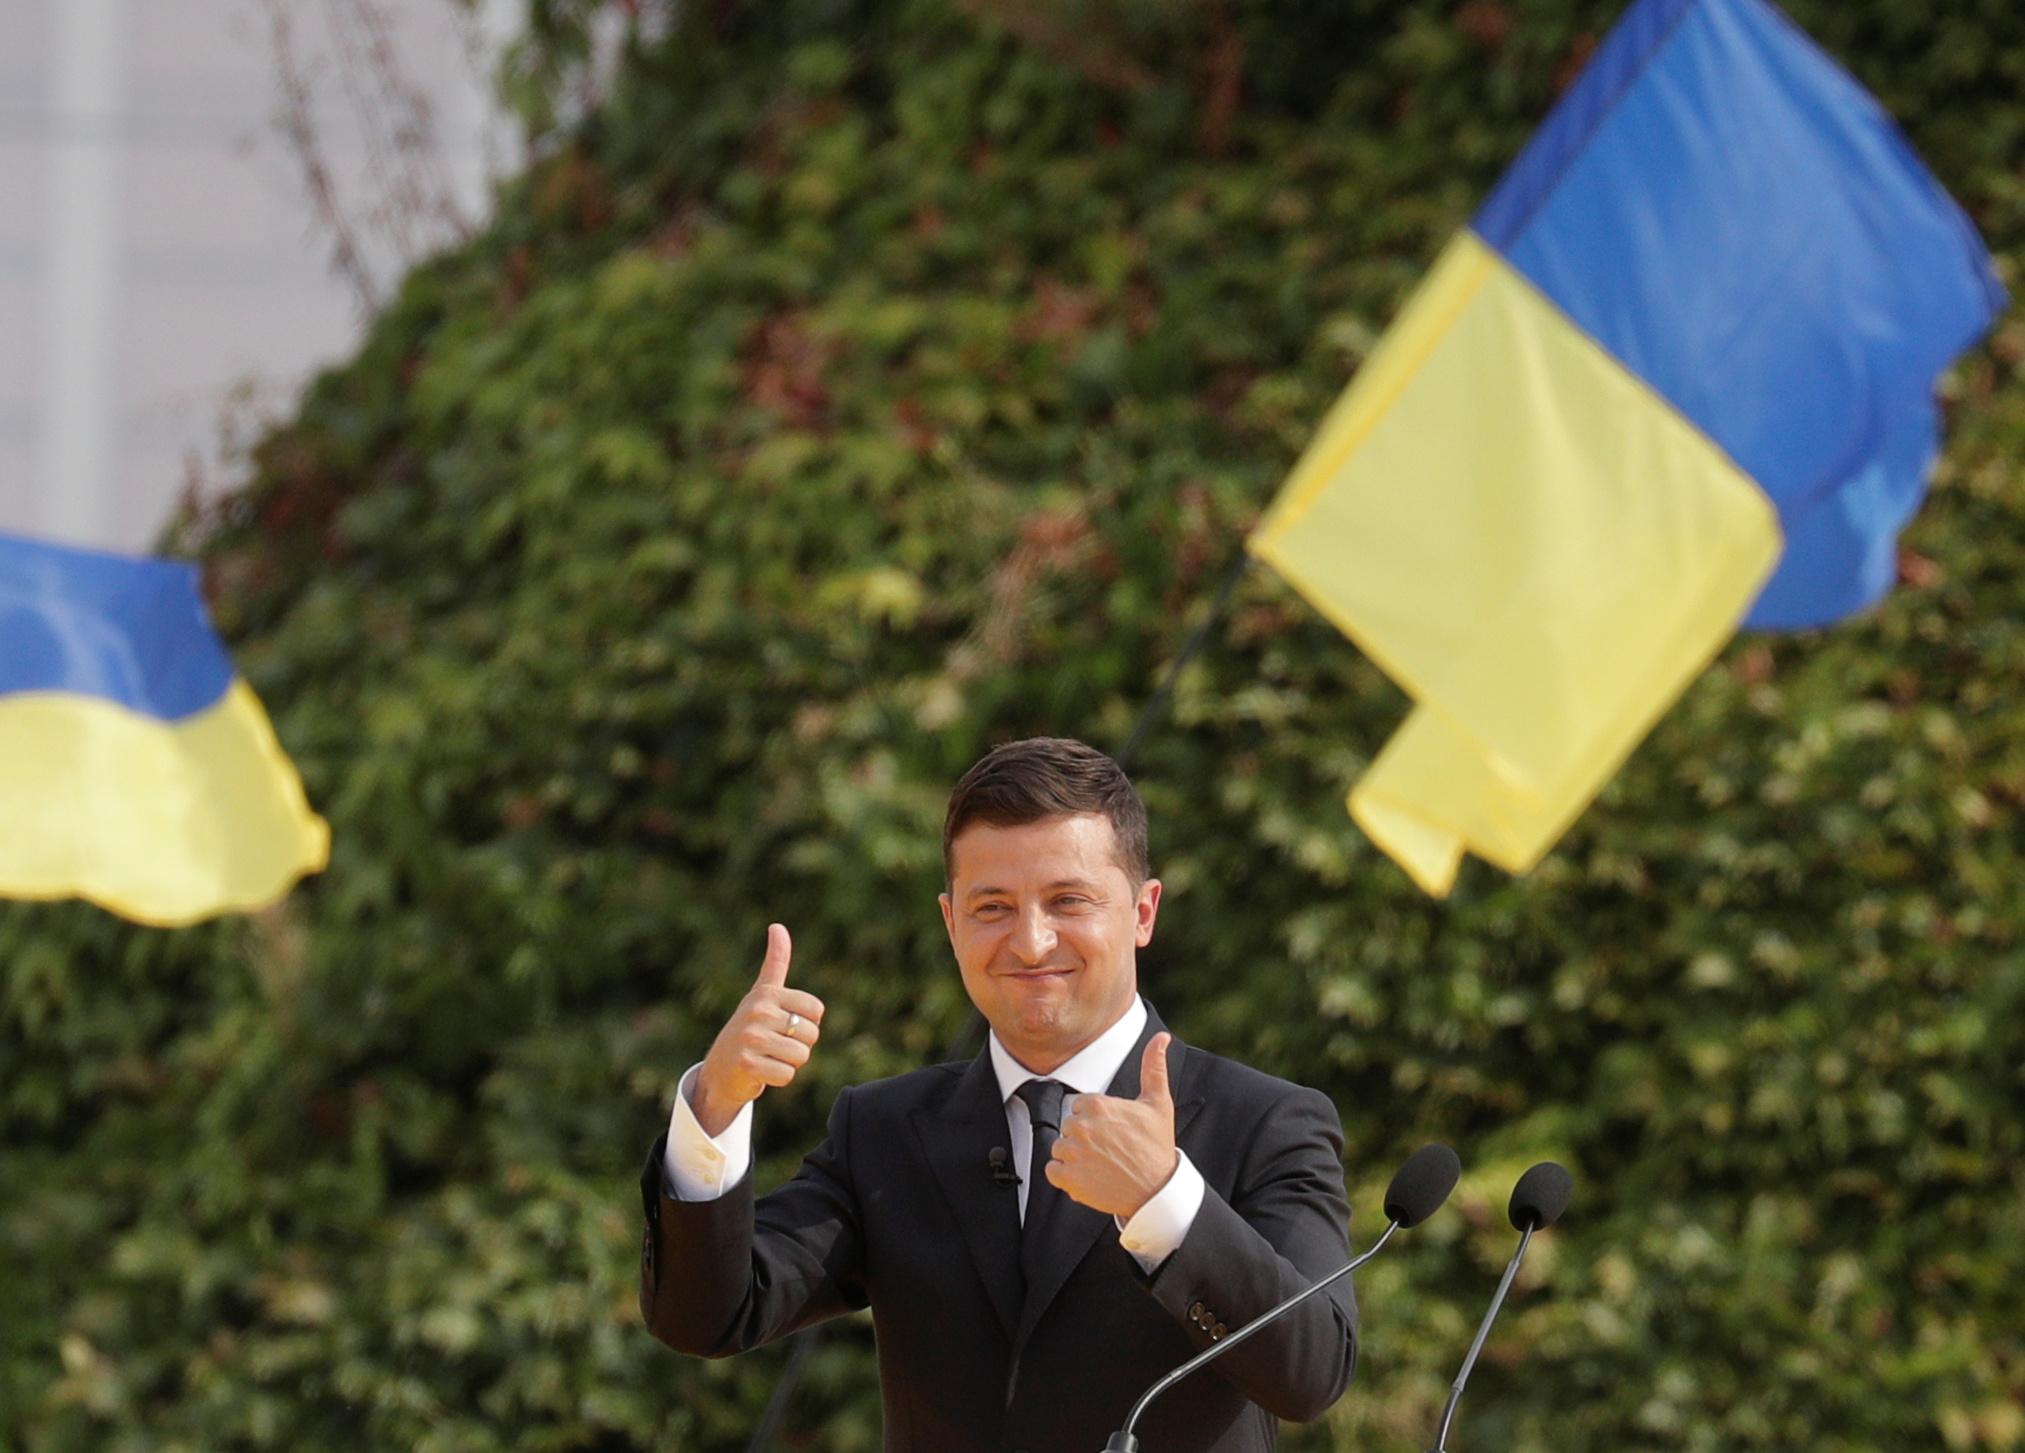 Зеленский выдвинул ультиматум Польше из-за оскверненных могил